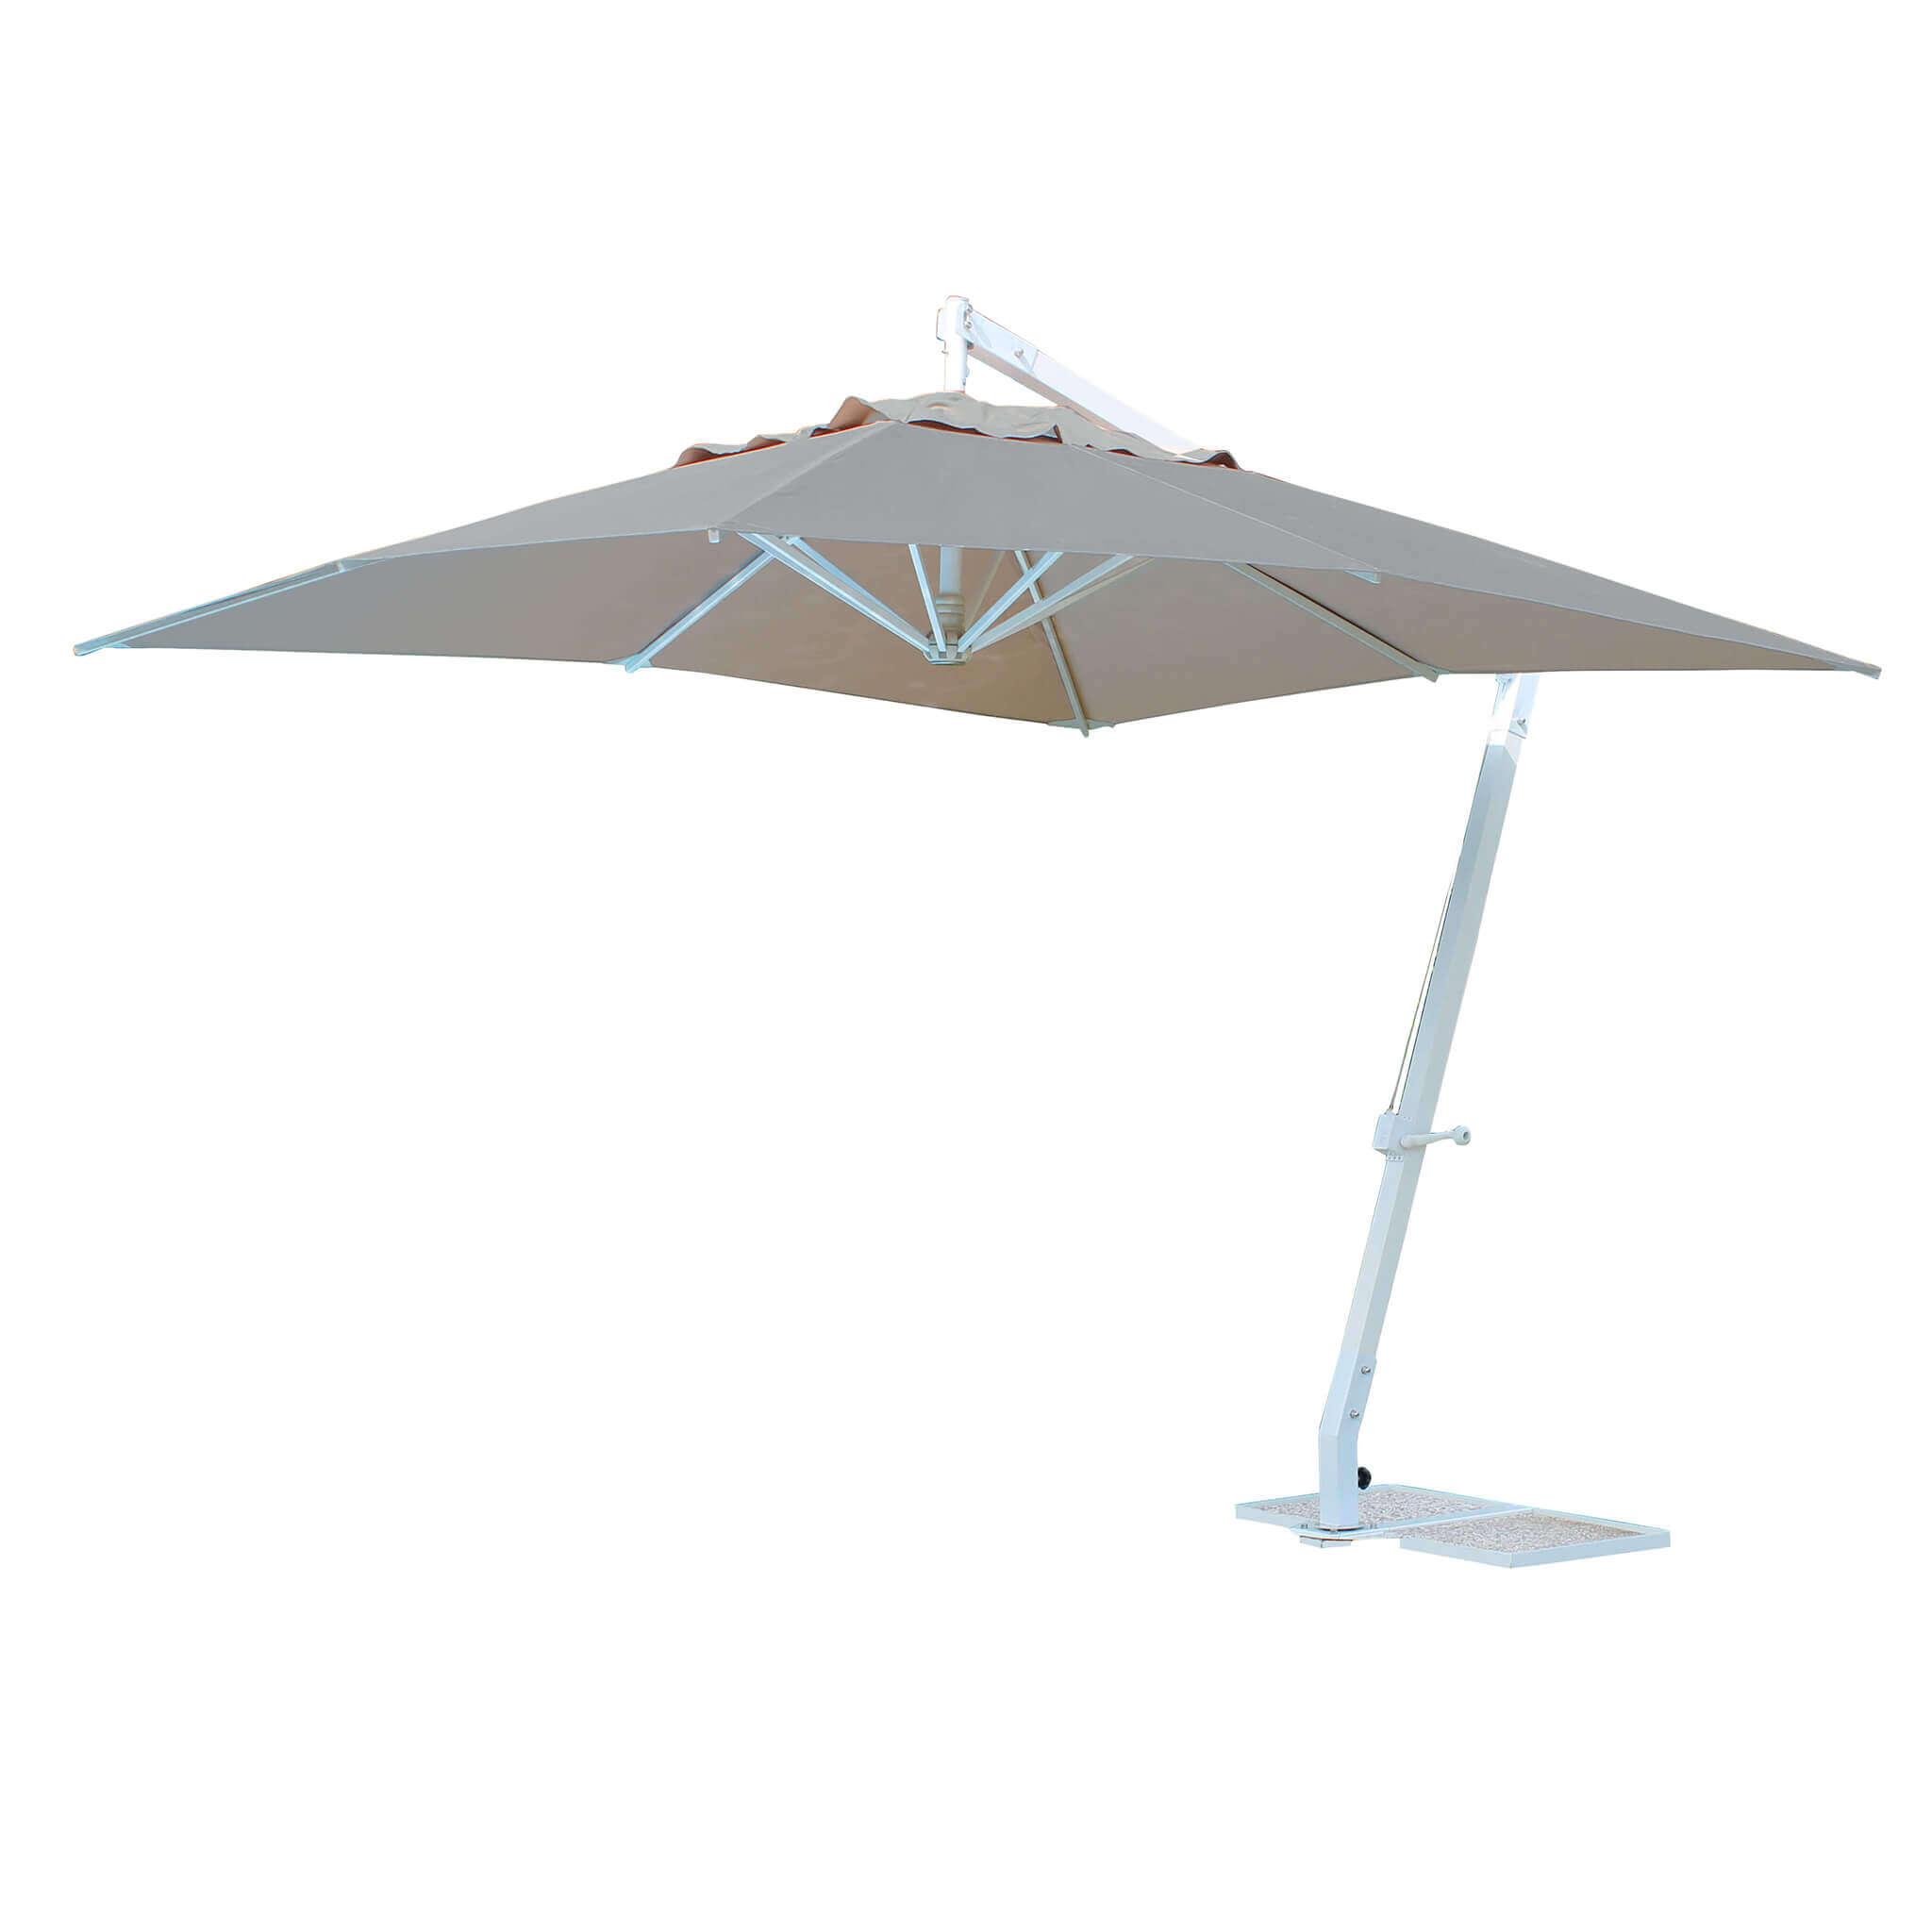 milani home thema - ombrellone da giardino decentrato 3x4 in alluminio